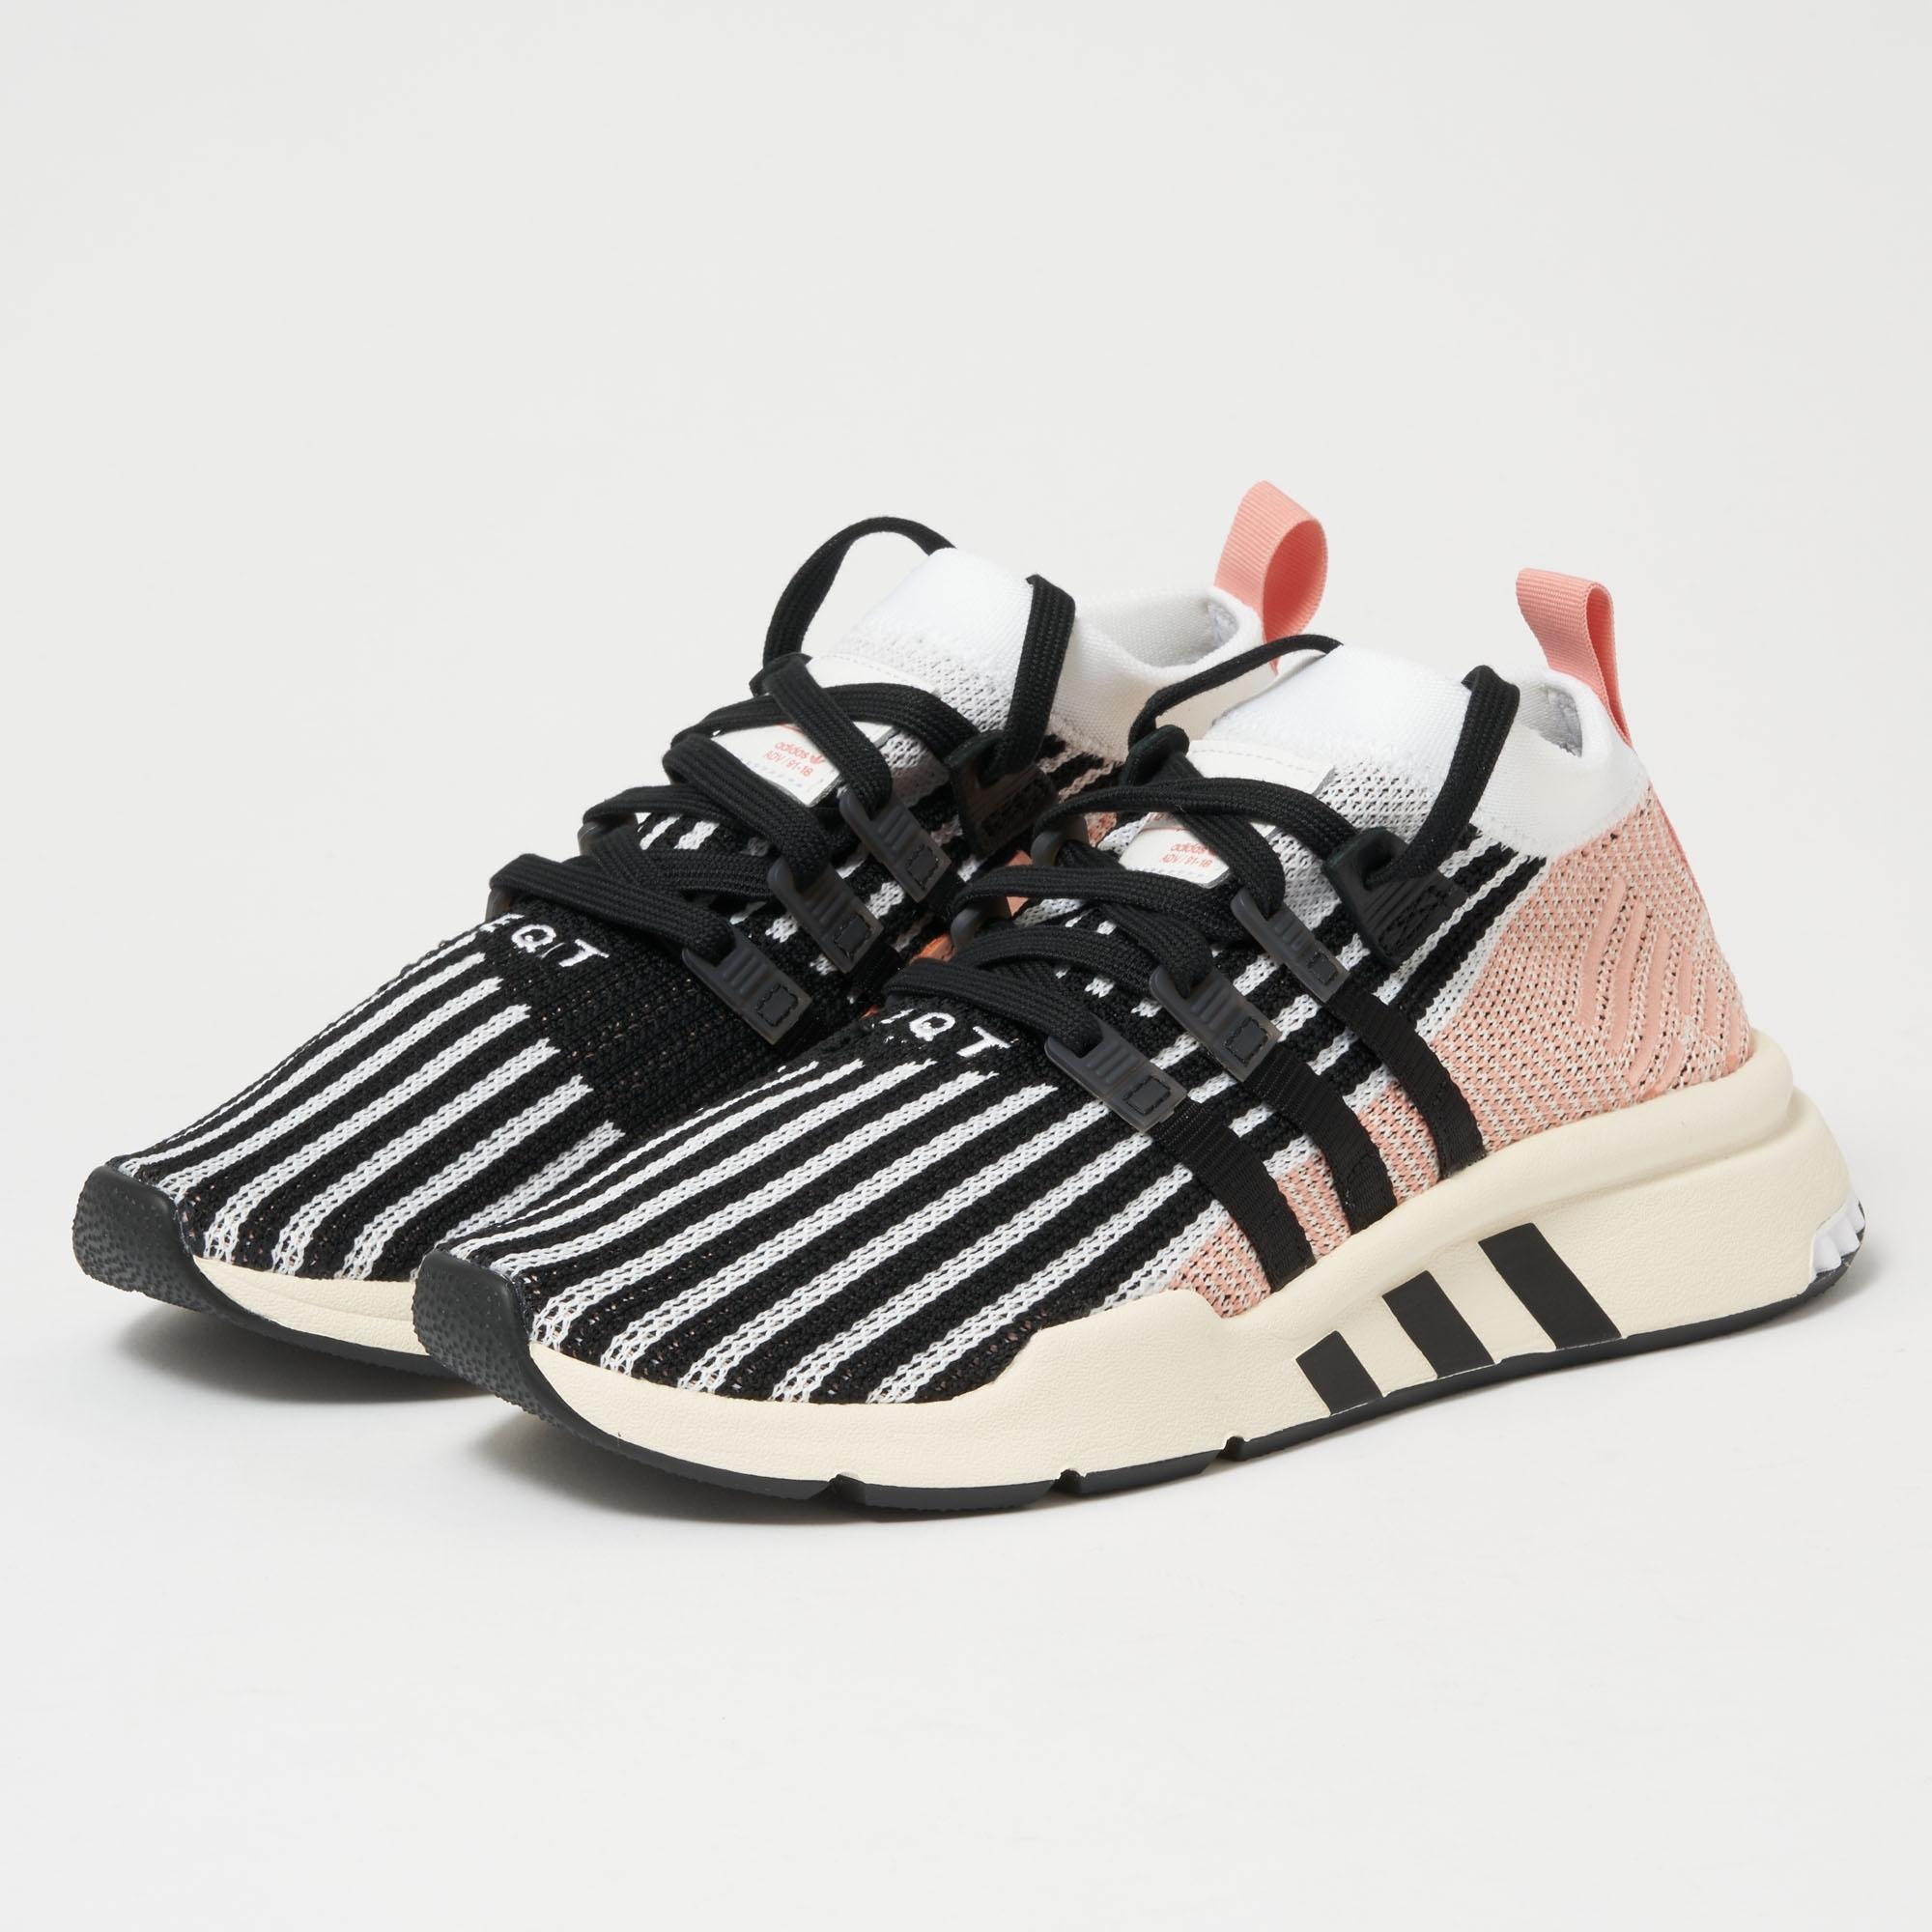 prodejna nové styly Podpora prodeje kylie adidas shoes